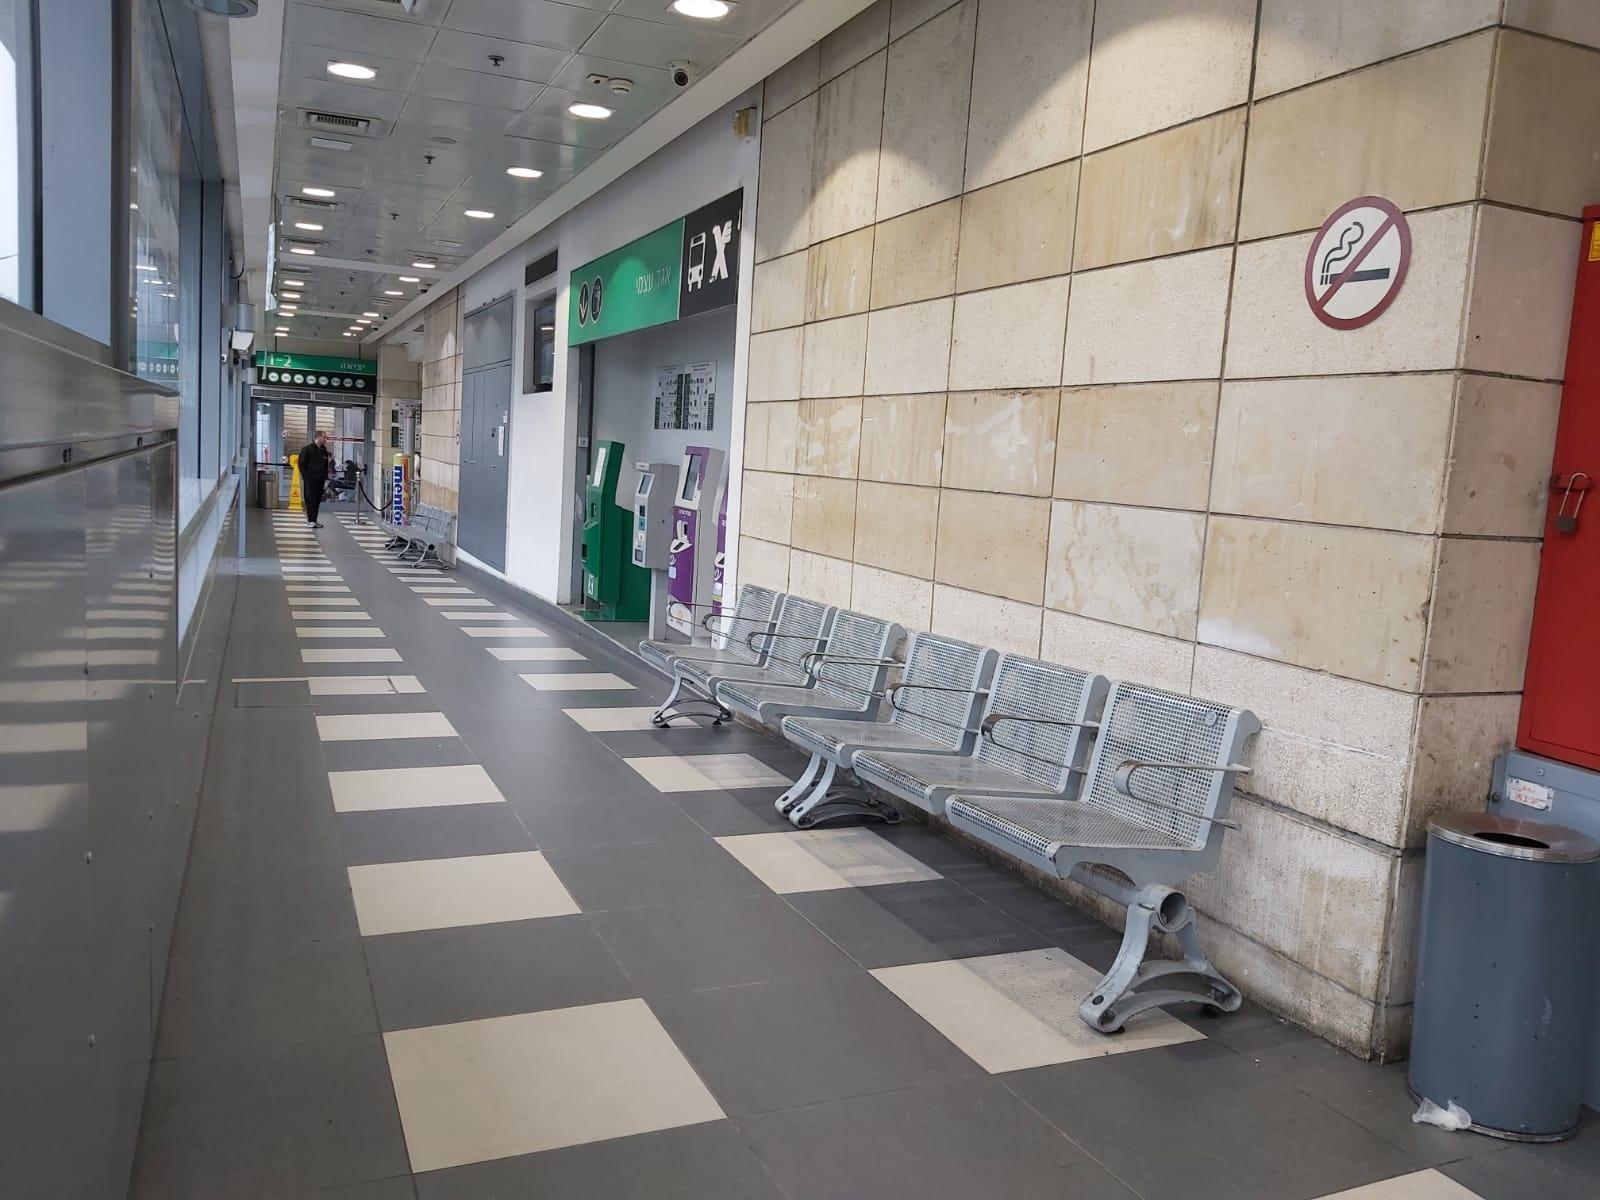 התחנה המרכזית | צילום: שיראל צברי